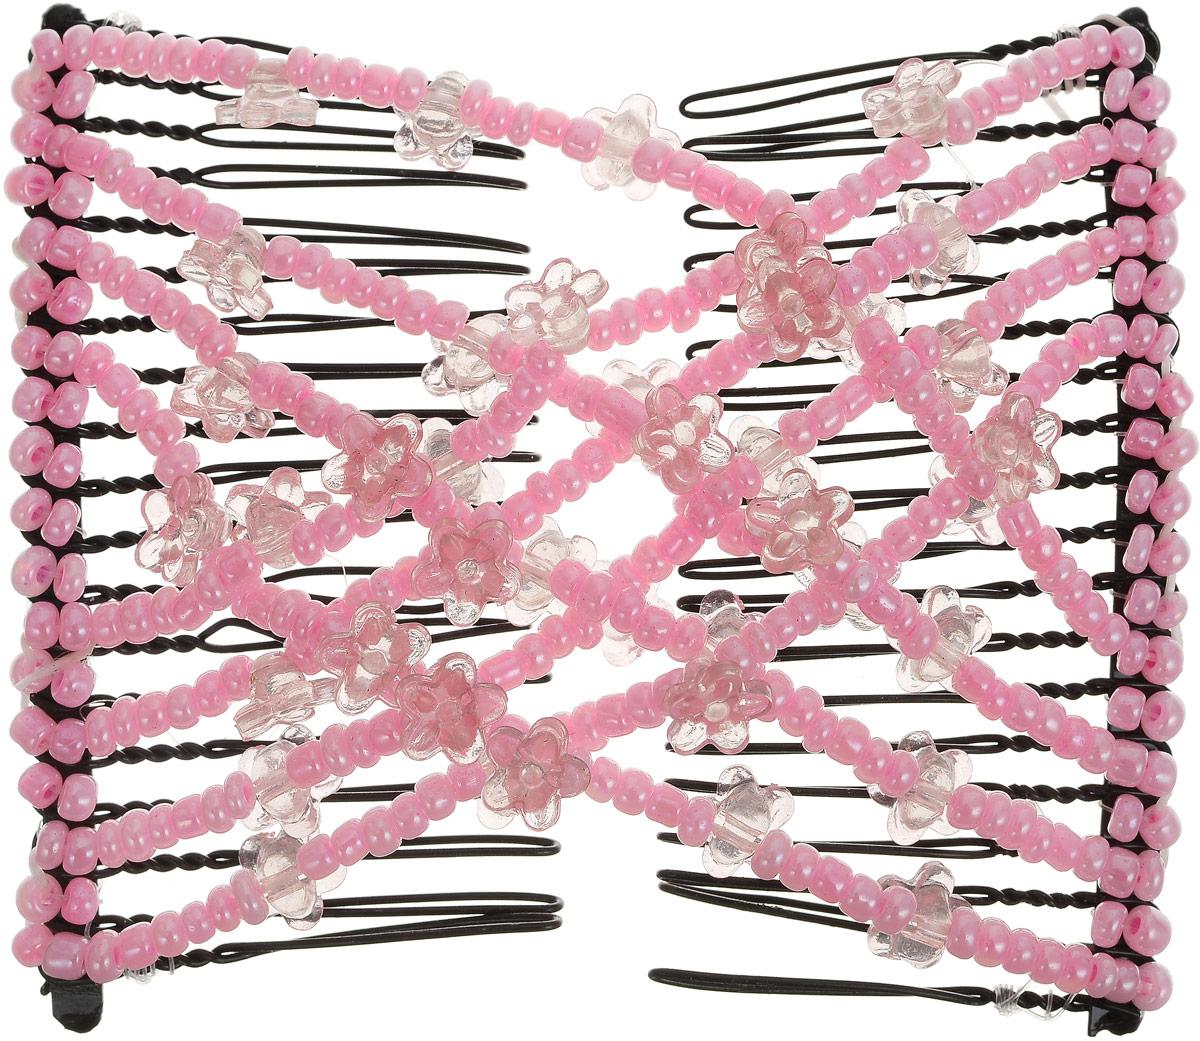 EZ-Combs Заколка Изи-Комбс, одинарная, цвет: розовый. ЗИО_цветочкиMP59.4DУдобная и практичная заколка EZ-Combs подходит для любого типа волос: тонких, жестких, вьющихся или прямых, и не наносит им никакого вреда. Заколка не мешает движениям головы и не создает дискомфорта, когда вы отдыхаете или управляете автомобилем. Каждый гребень имеет по 20 зубьев для надежной фиксации заколки на волосах. И даже во время бега и интенсивных тренировок в спортзале EZ-Combs не падает; она прочно фиксирует прическу, сохраняя укладку в первозданном виде.Небольшая и легкая заколка для волос EZ-Combs поместится в любой дамской сумочке, позволяя быстро и без особых усилий создавать неповторимые прически там, где вам это удобно. Гребень прекрасно сочетается с любой одеждой: будь это классический или спортивный стиль, завершая гармоничный облик современной леди. И неважно, какой образ жизни вы ведете, если у вас есть EZ-Combs, вы всегда будете выглядеть потрясающе.